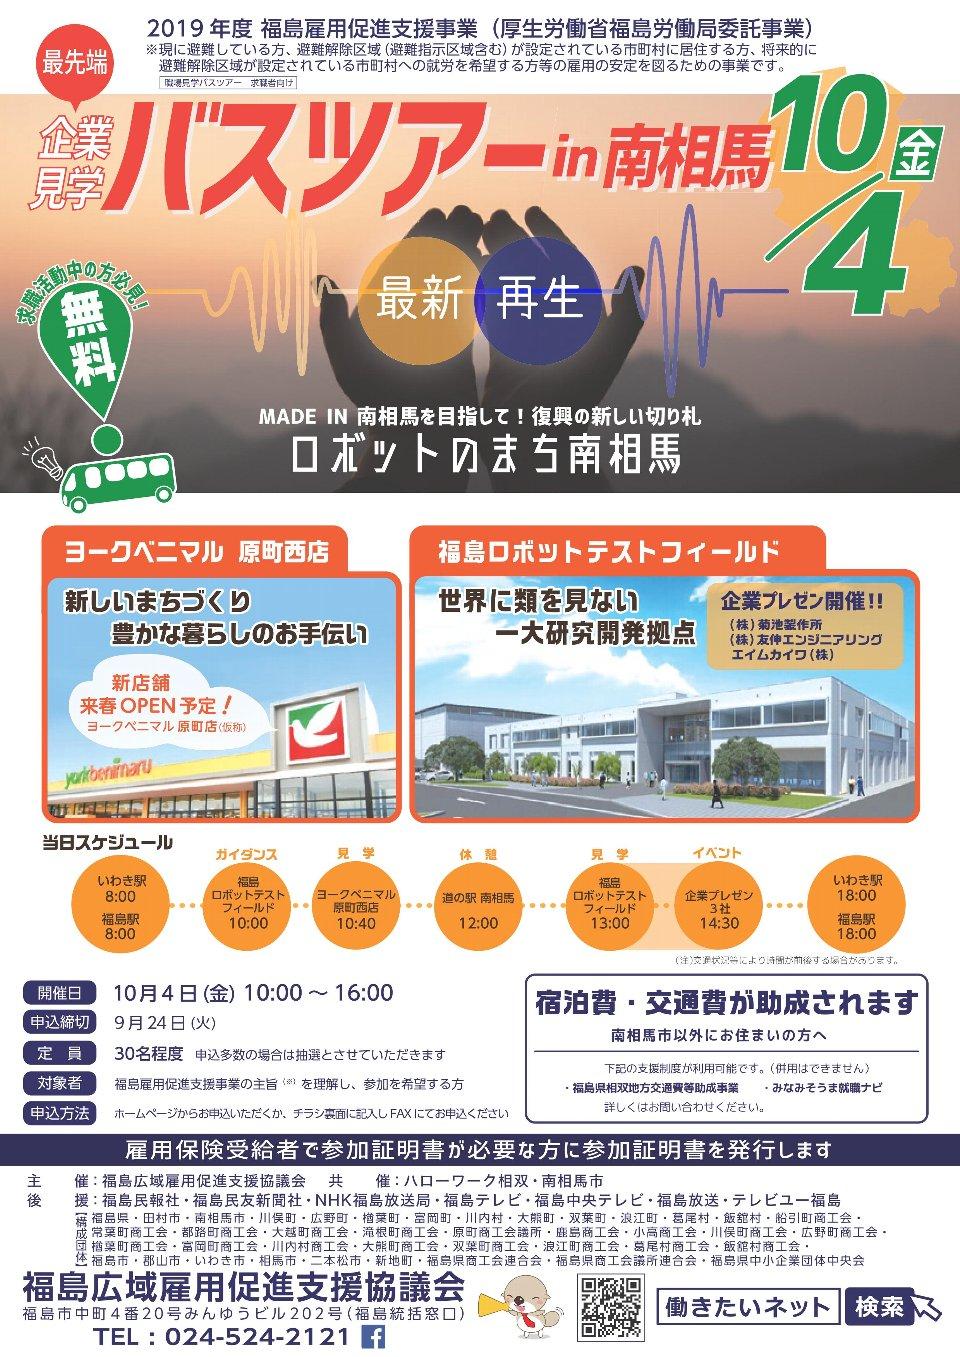 2019.10.04最先端!企業見学バスツアーin南相馬